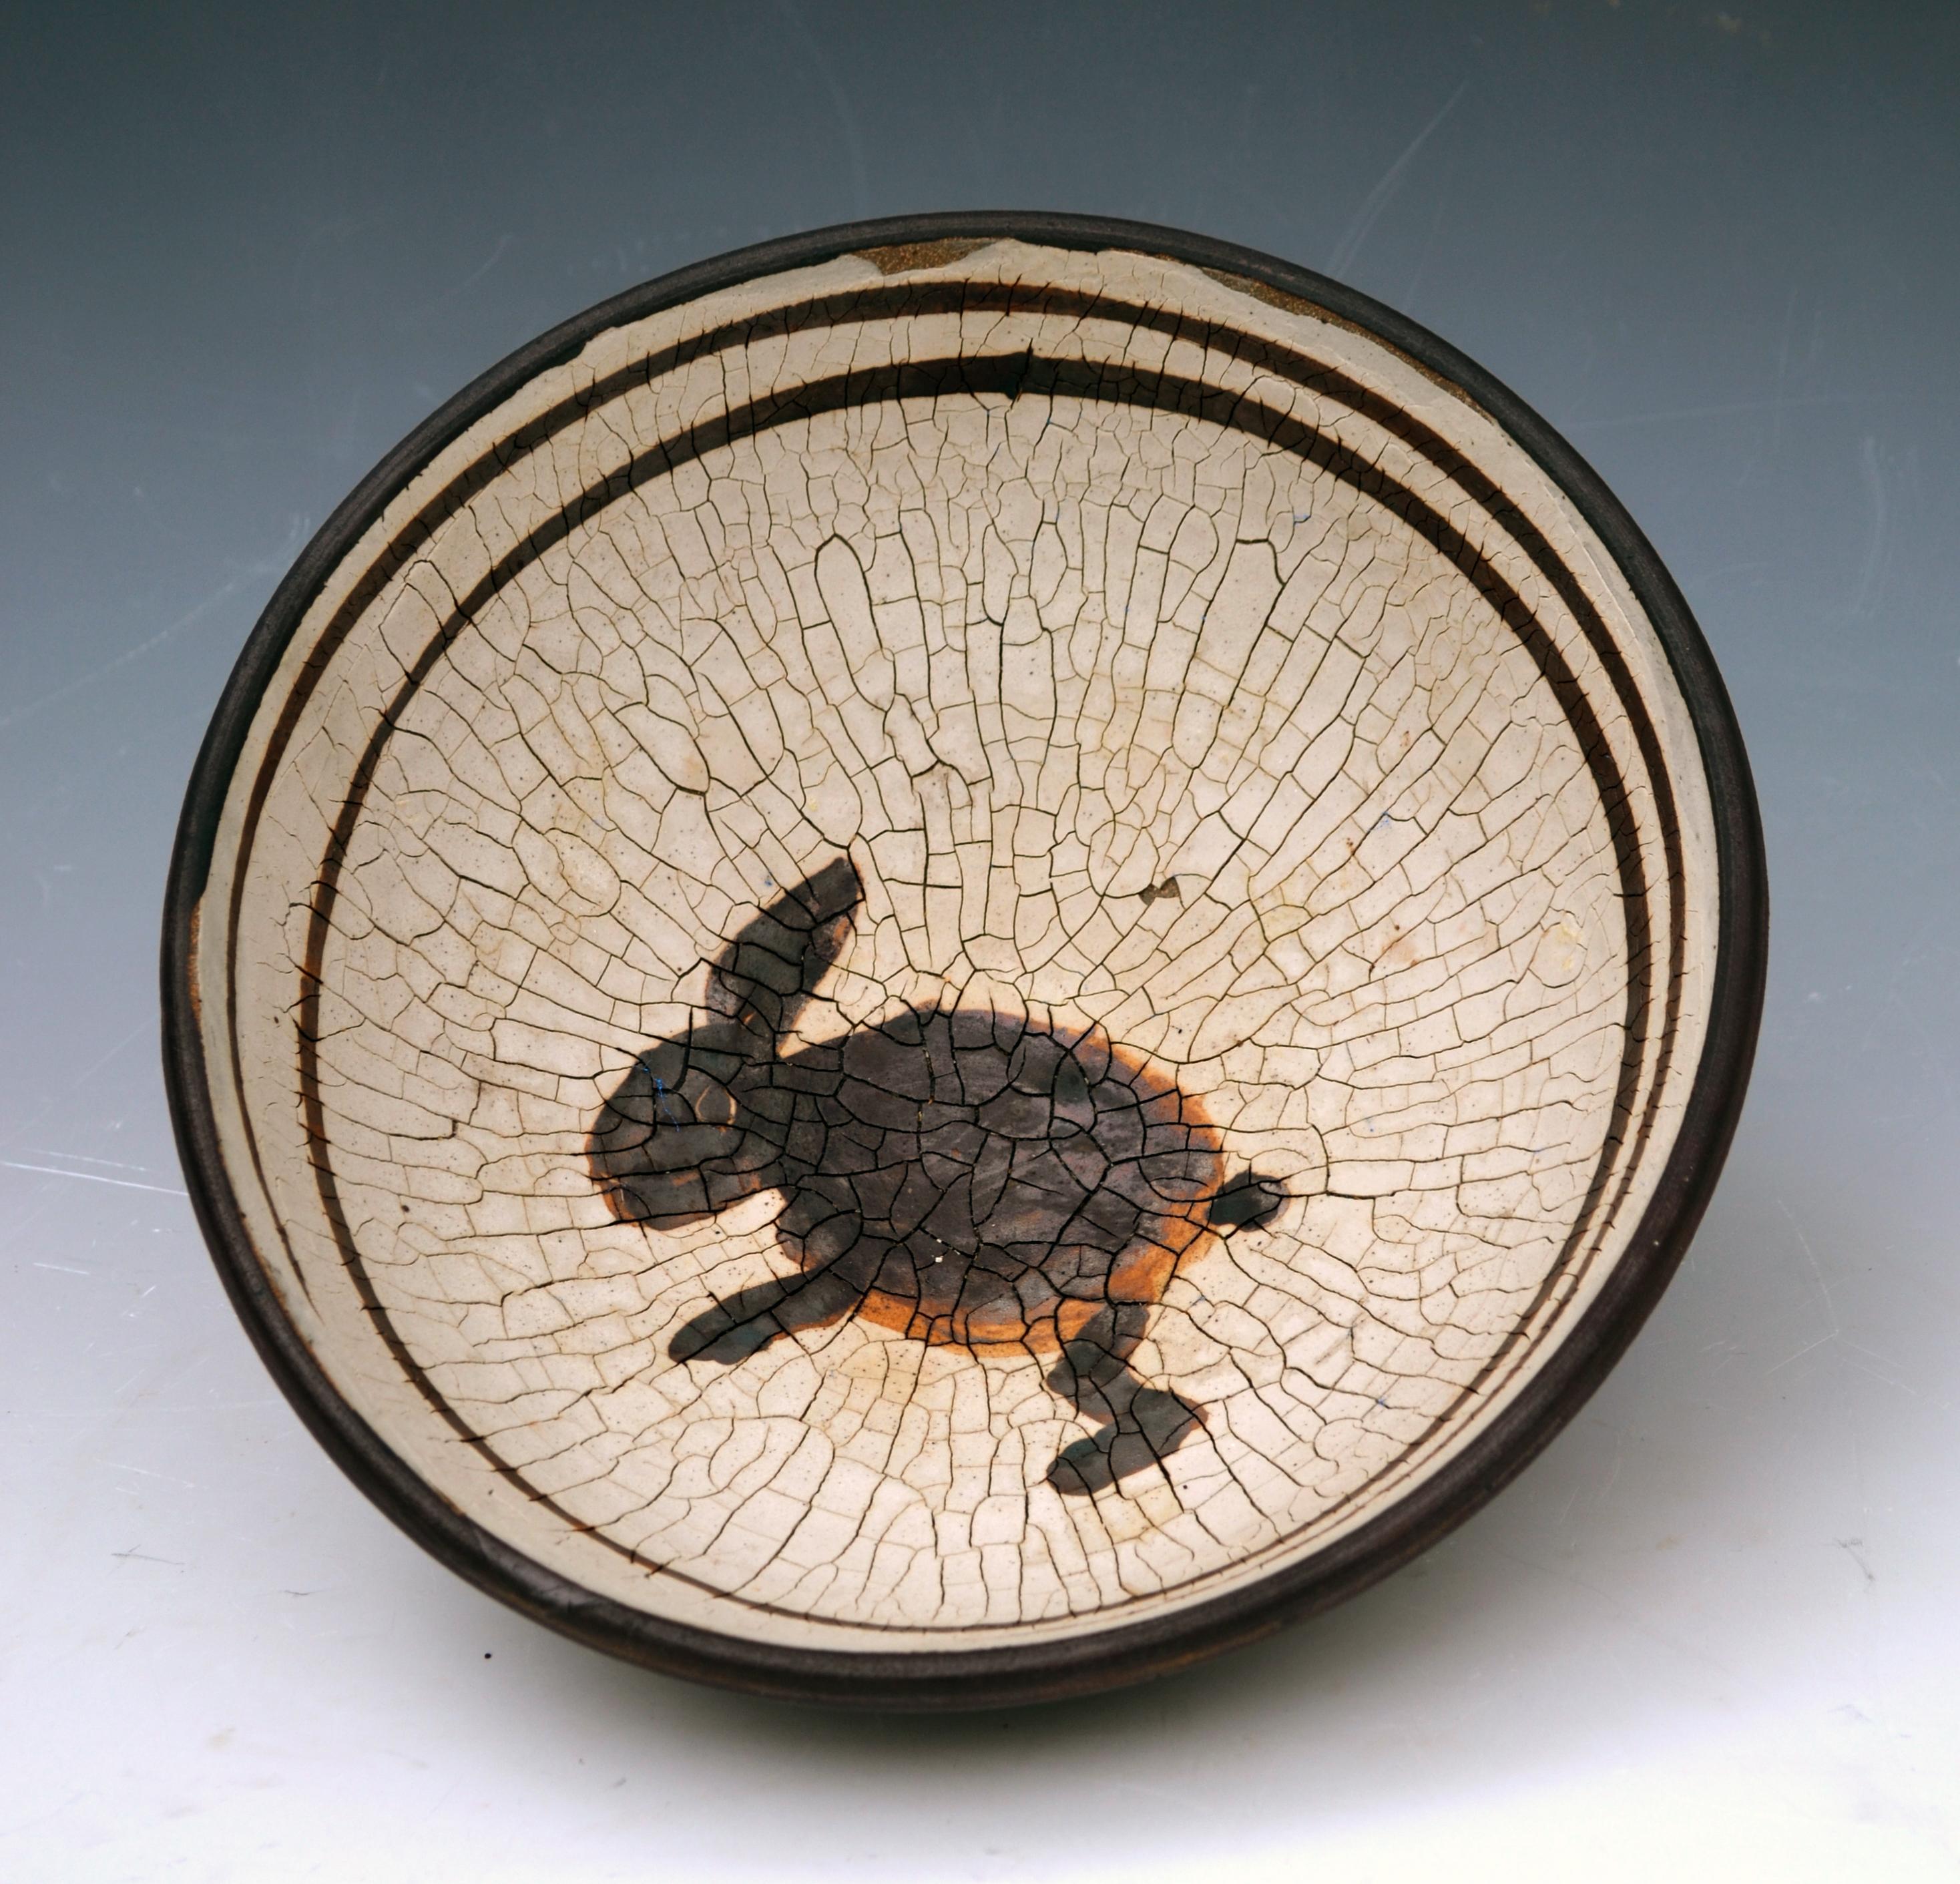 anasazi inspired bowl with rabbit